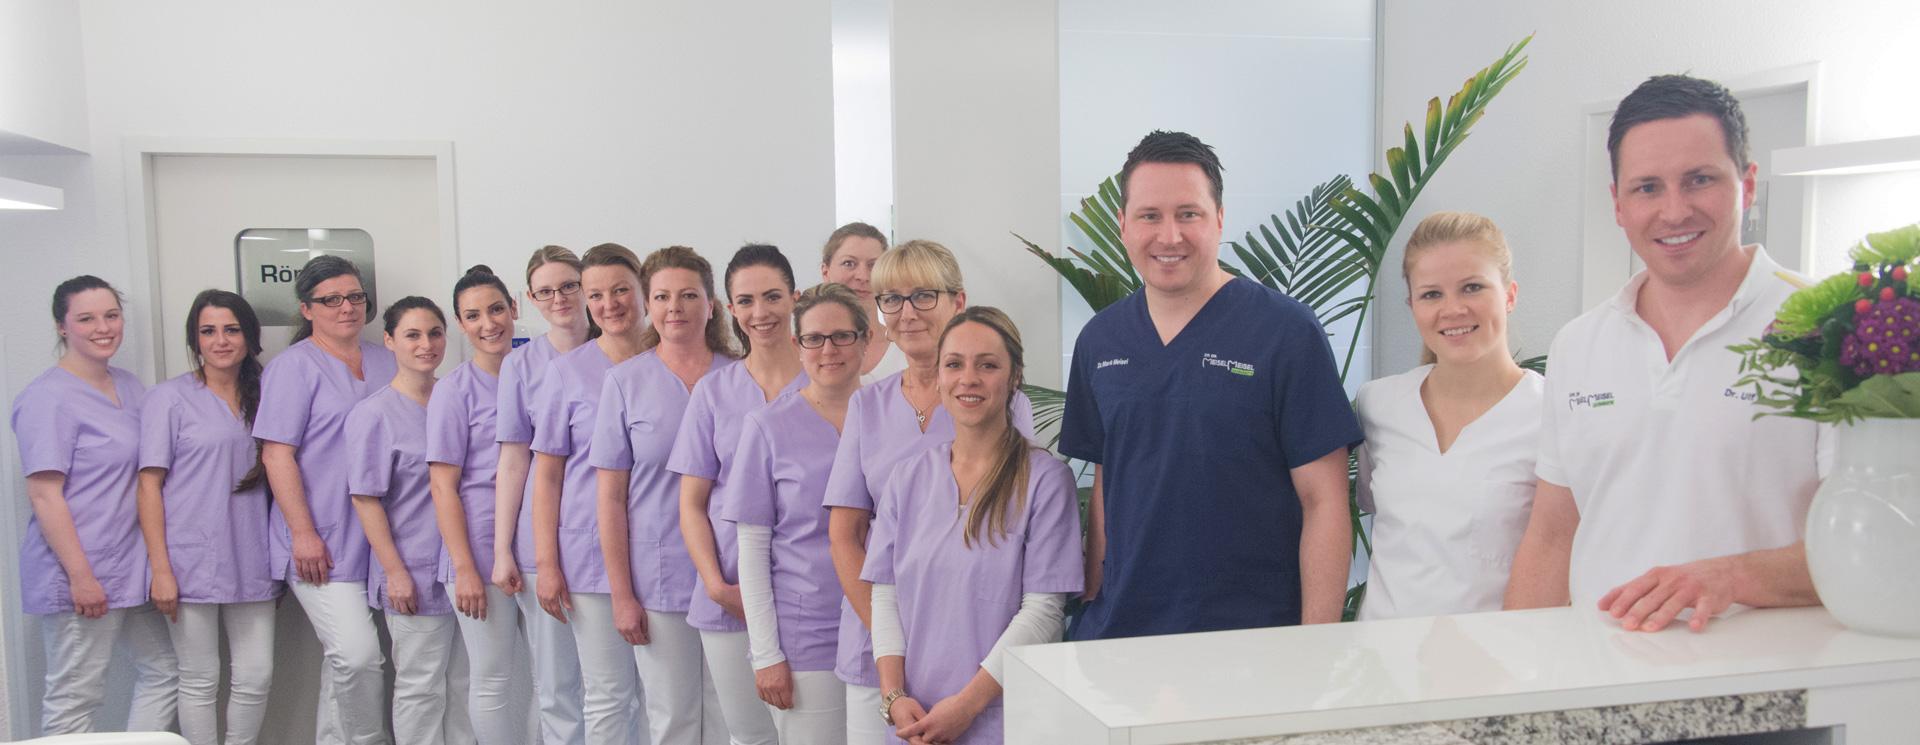 Zahnarzt Nürnberg | Praxisteam Dres. Meisel